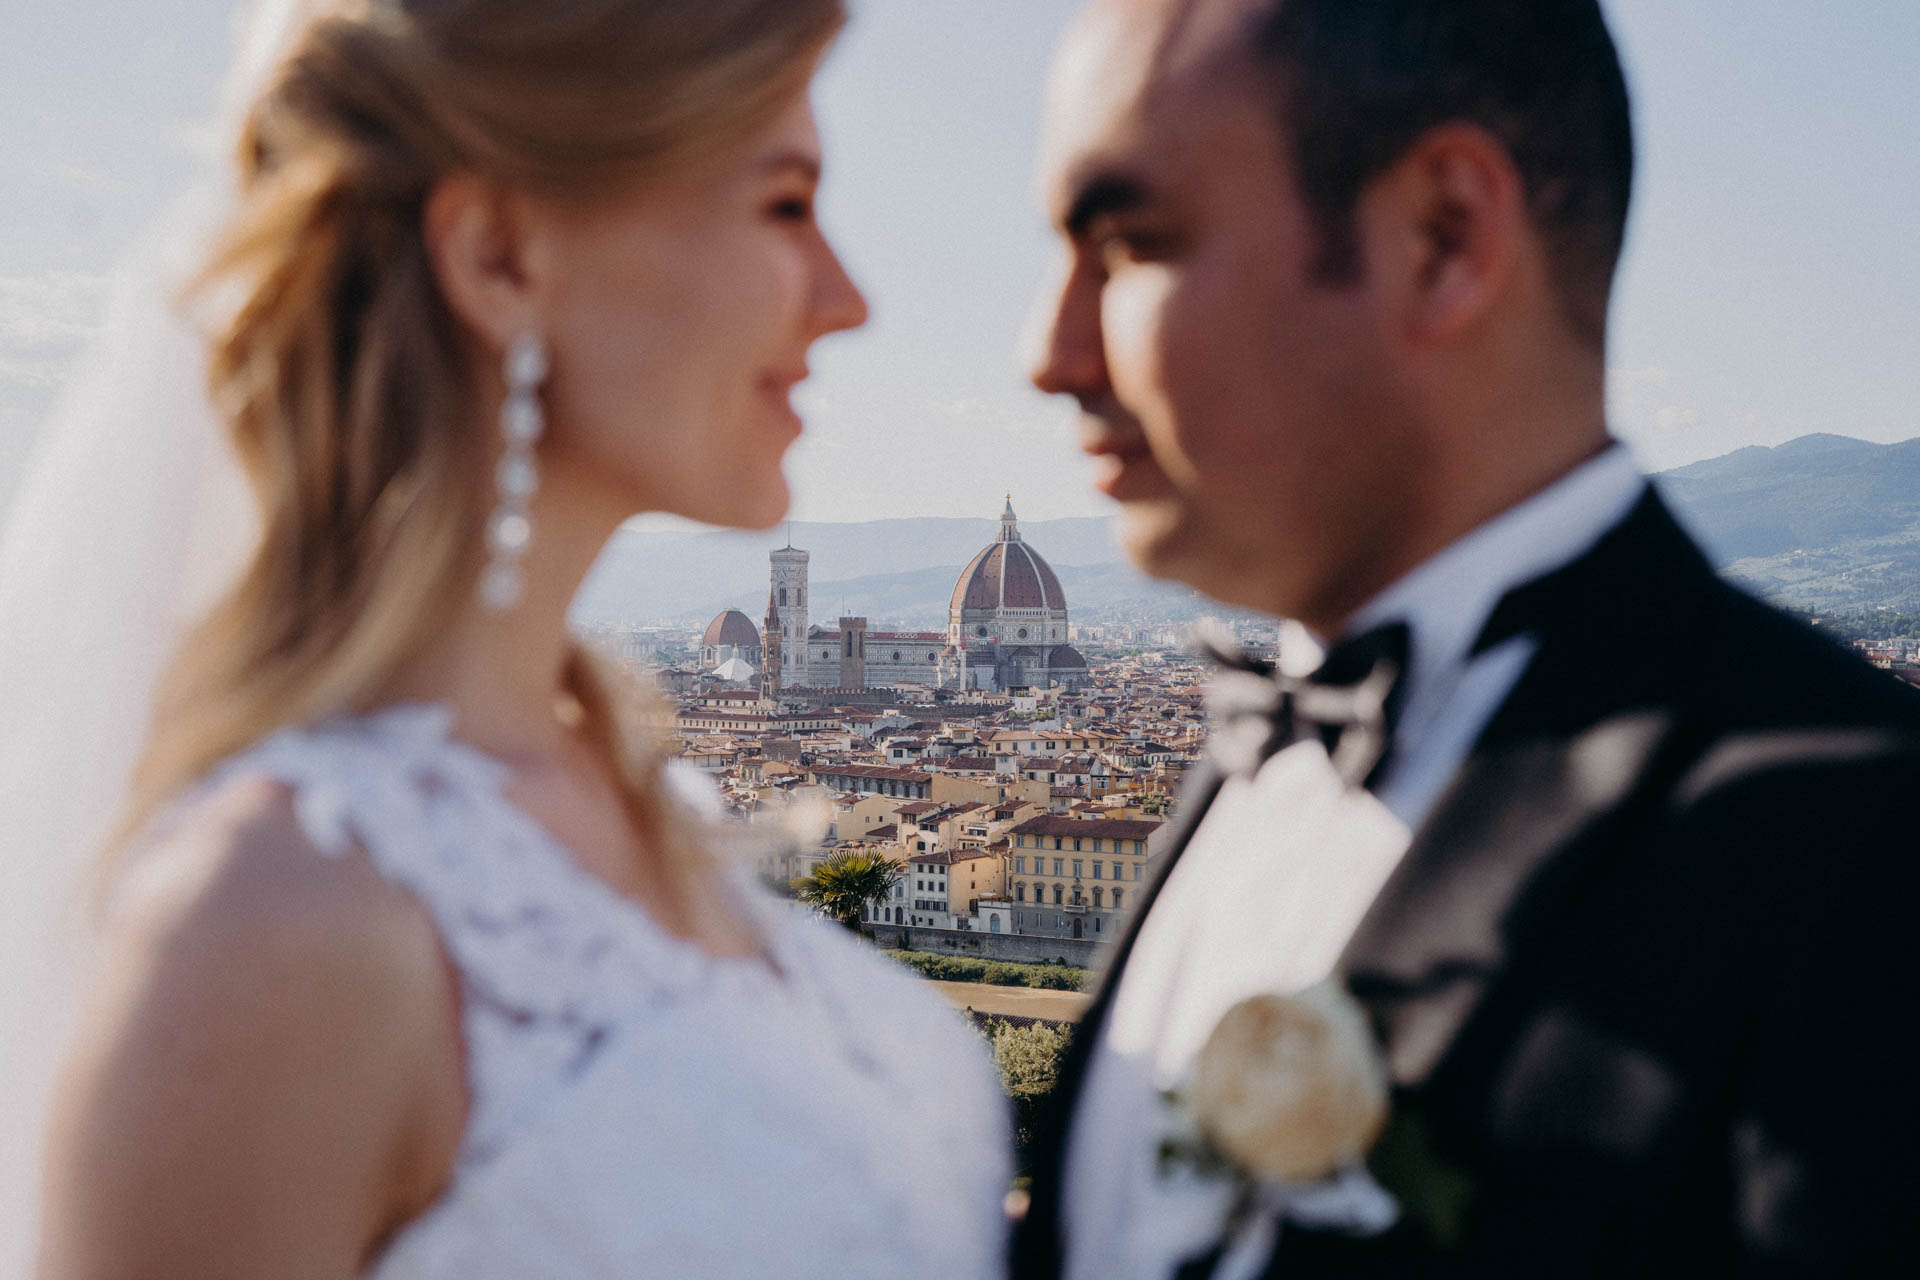 fotografo_matrimono_firenze_a_villa_bardini_44